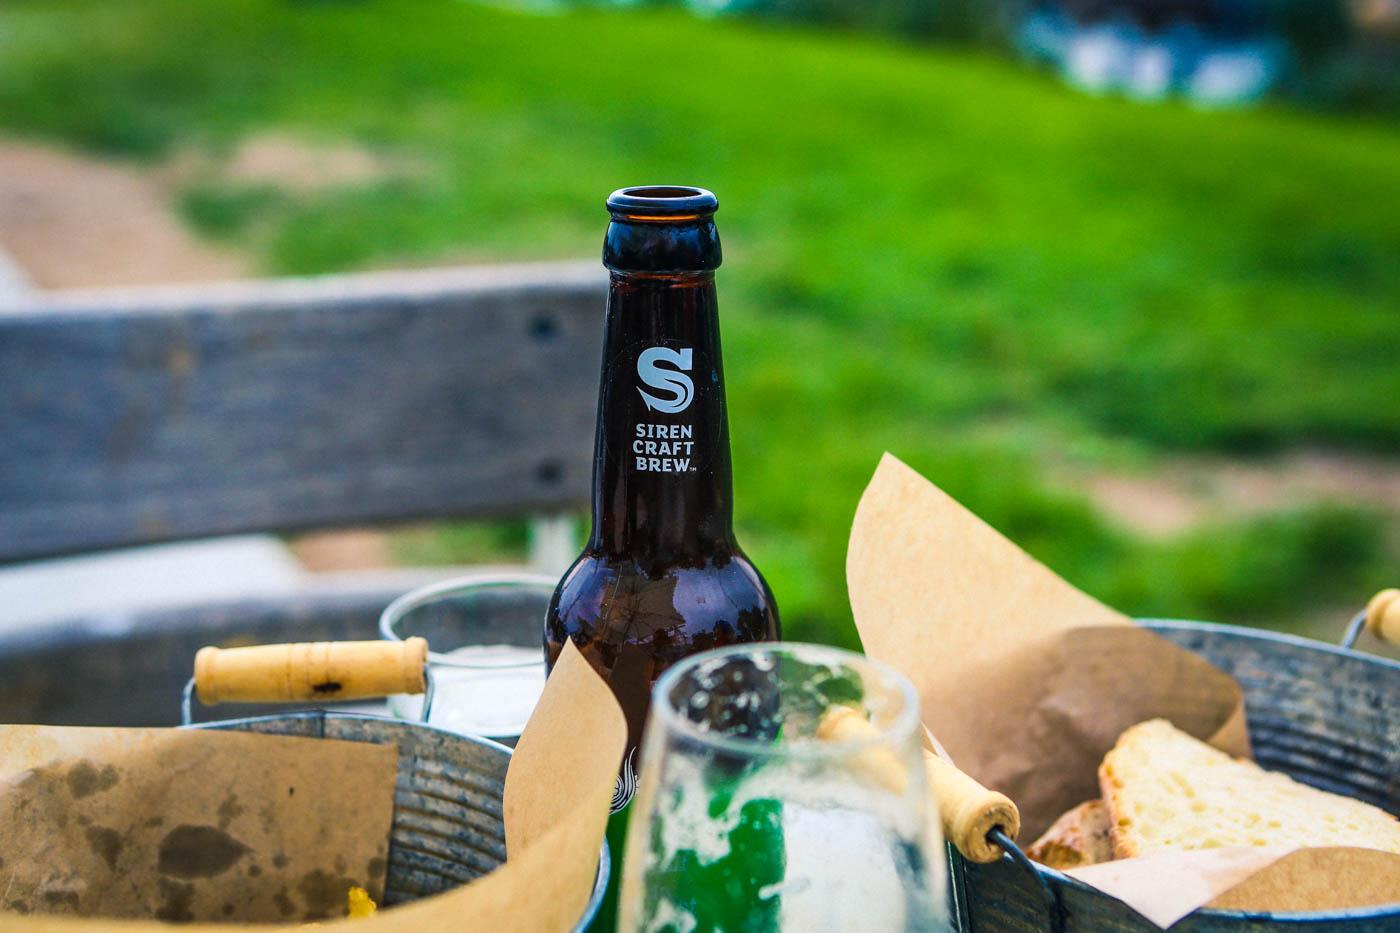 God öl från Siren (2.8%) på Hörte Brygga i södra skåne